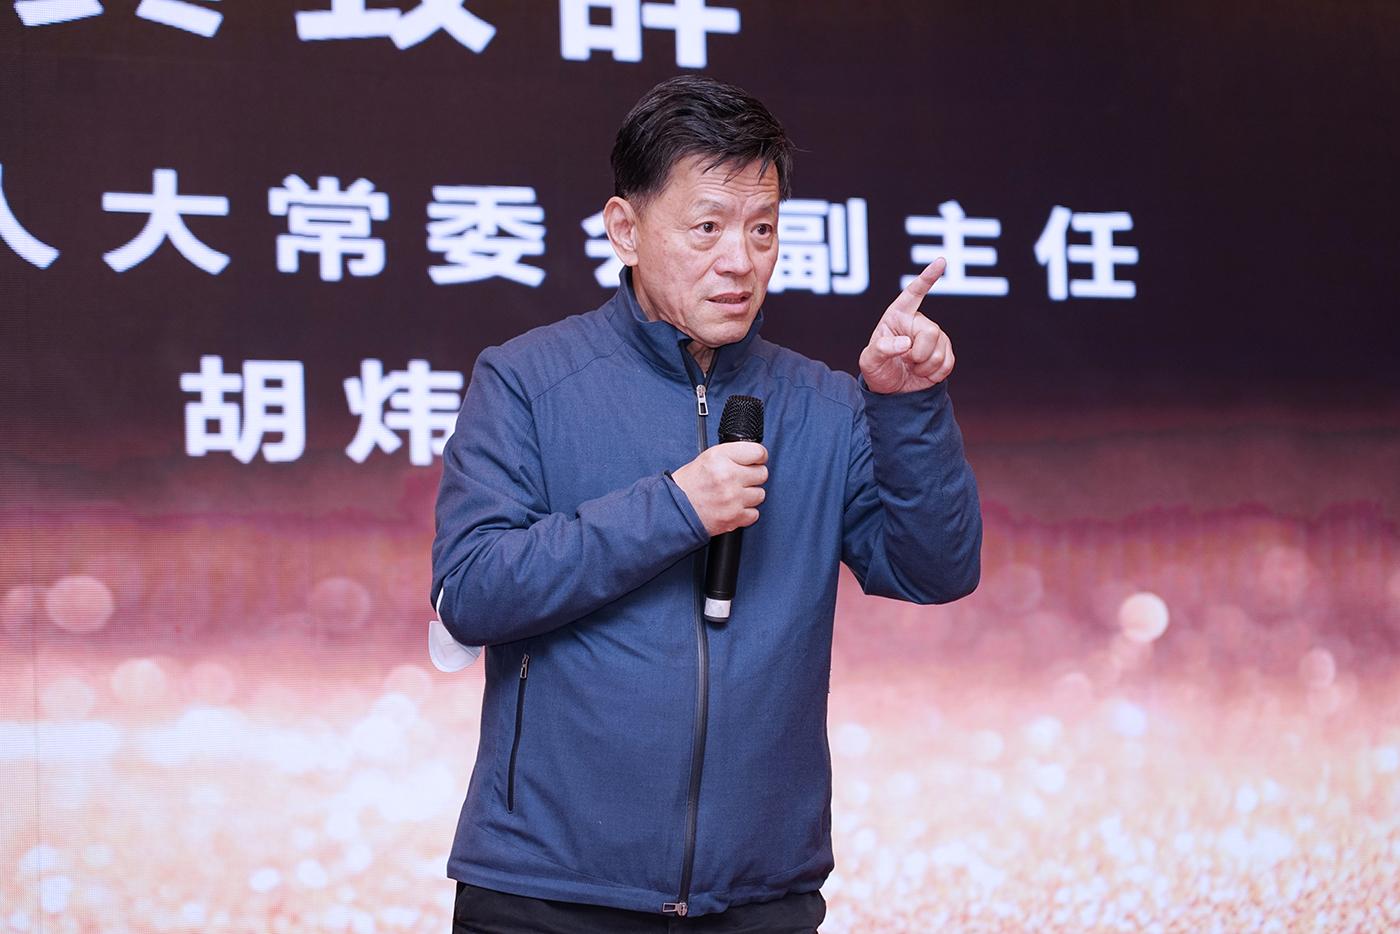 上海市人大常委会原副主任胡炜出席开幕活动并致辞。